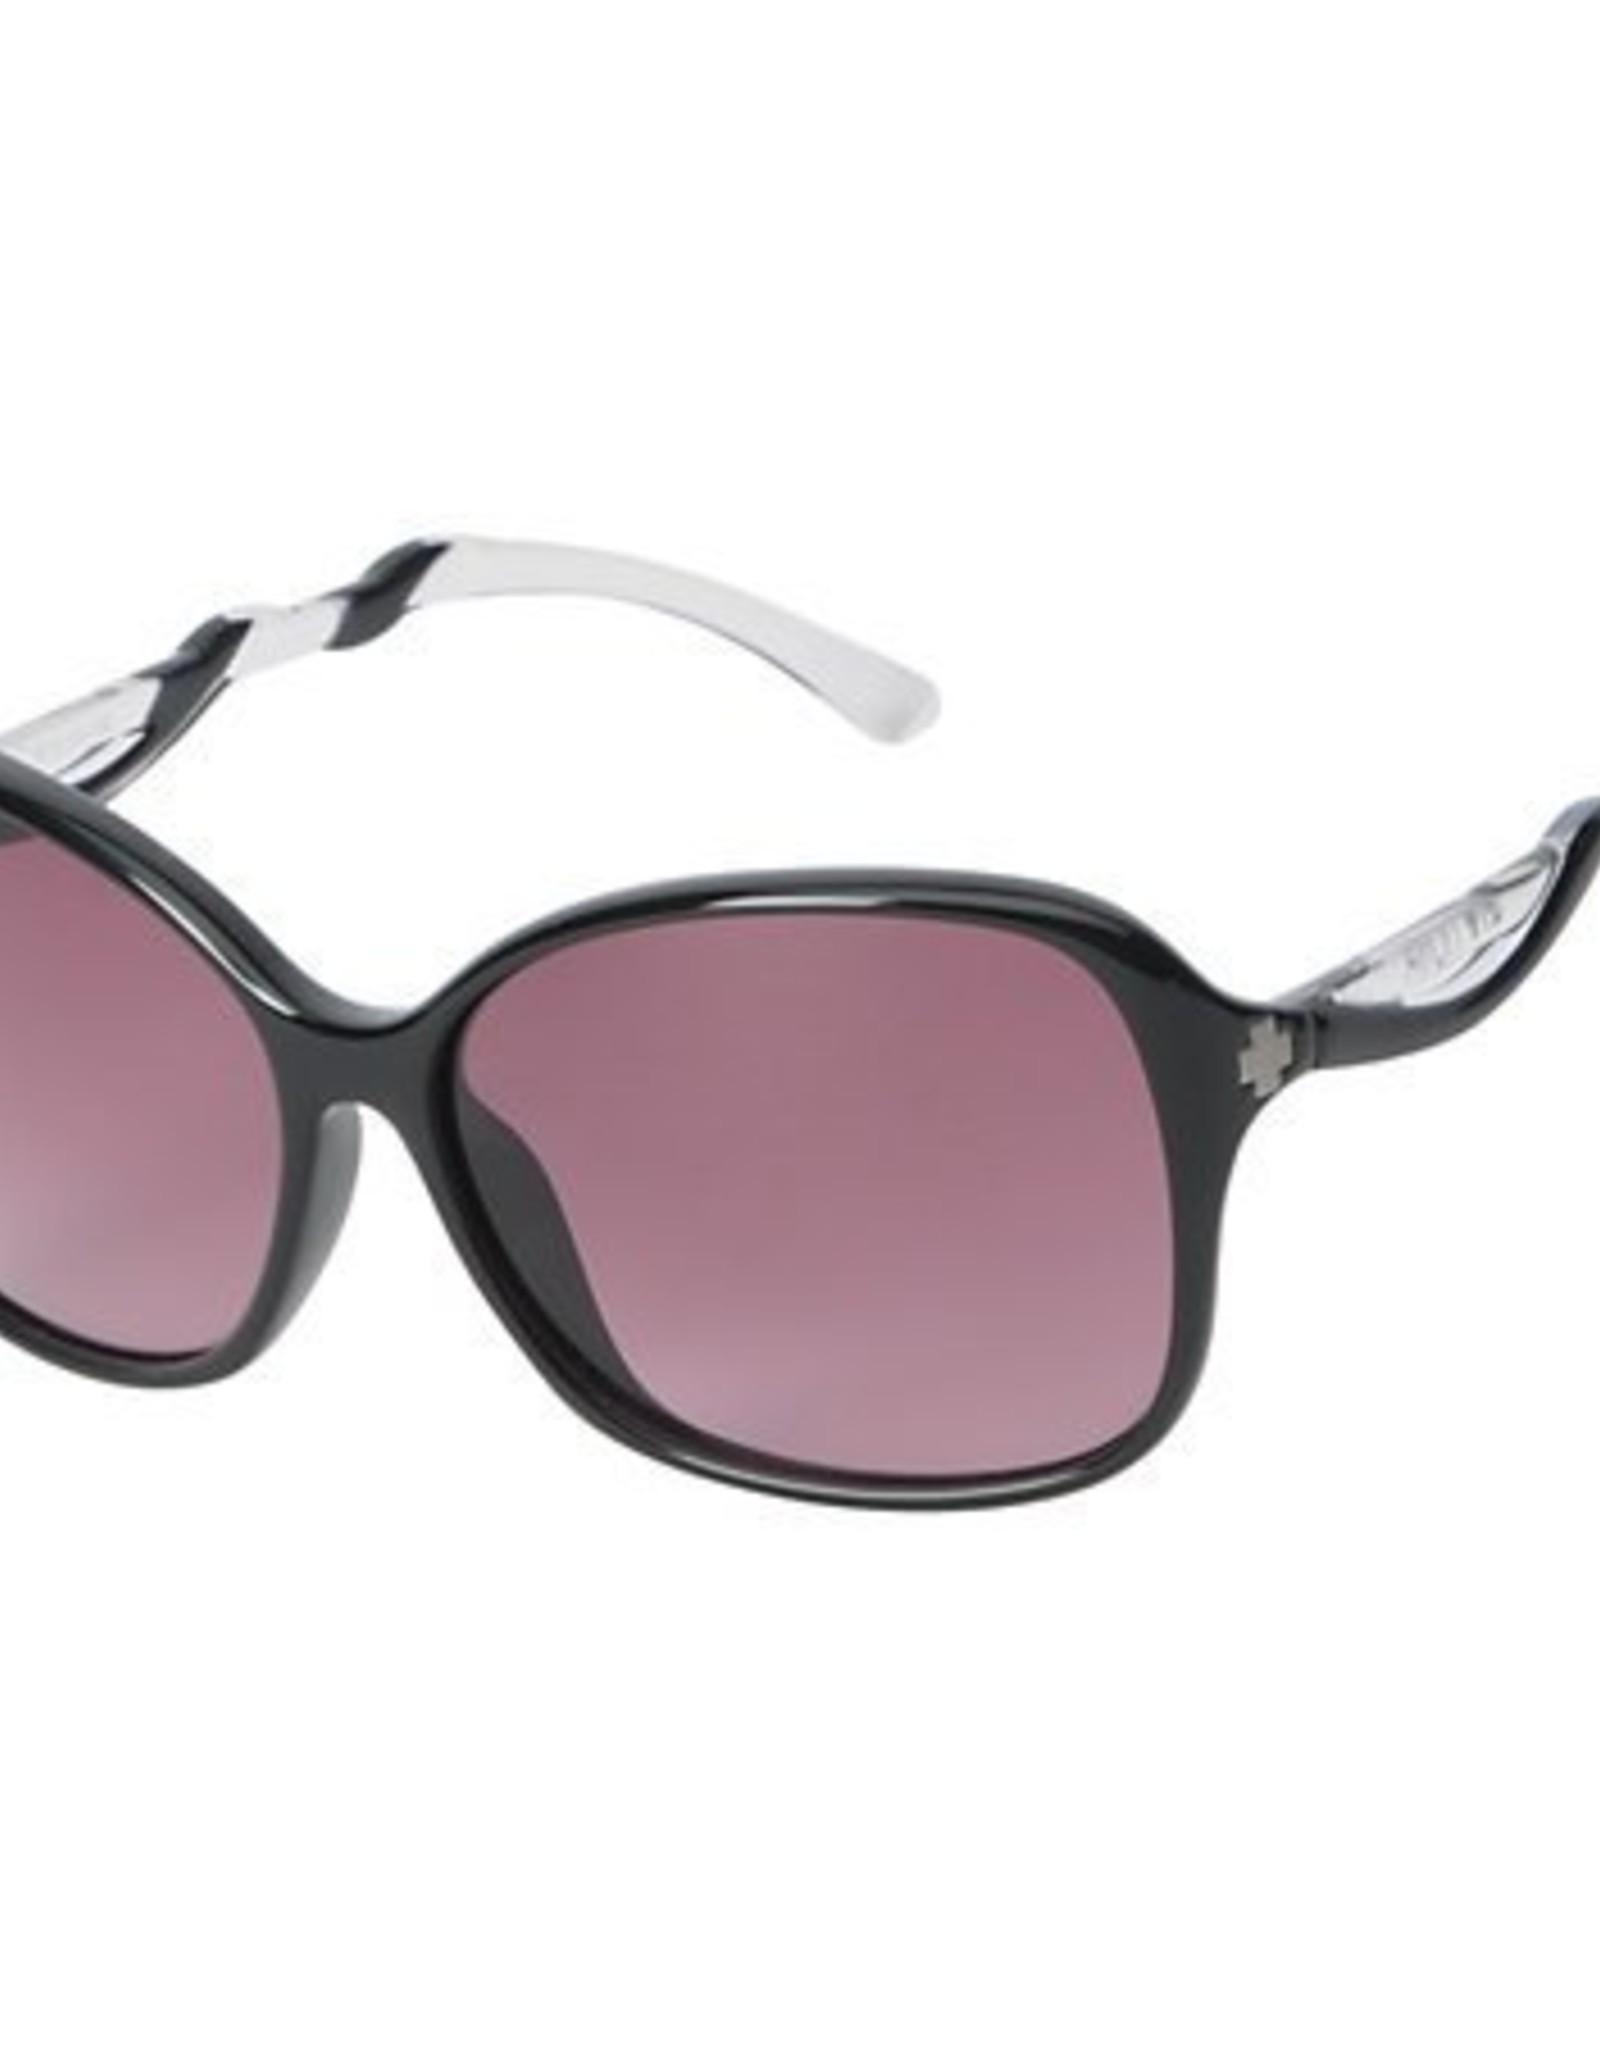 SPY Spy - FIONA - Black/Clear w/ Merlot Fade